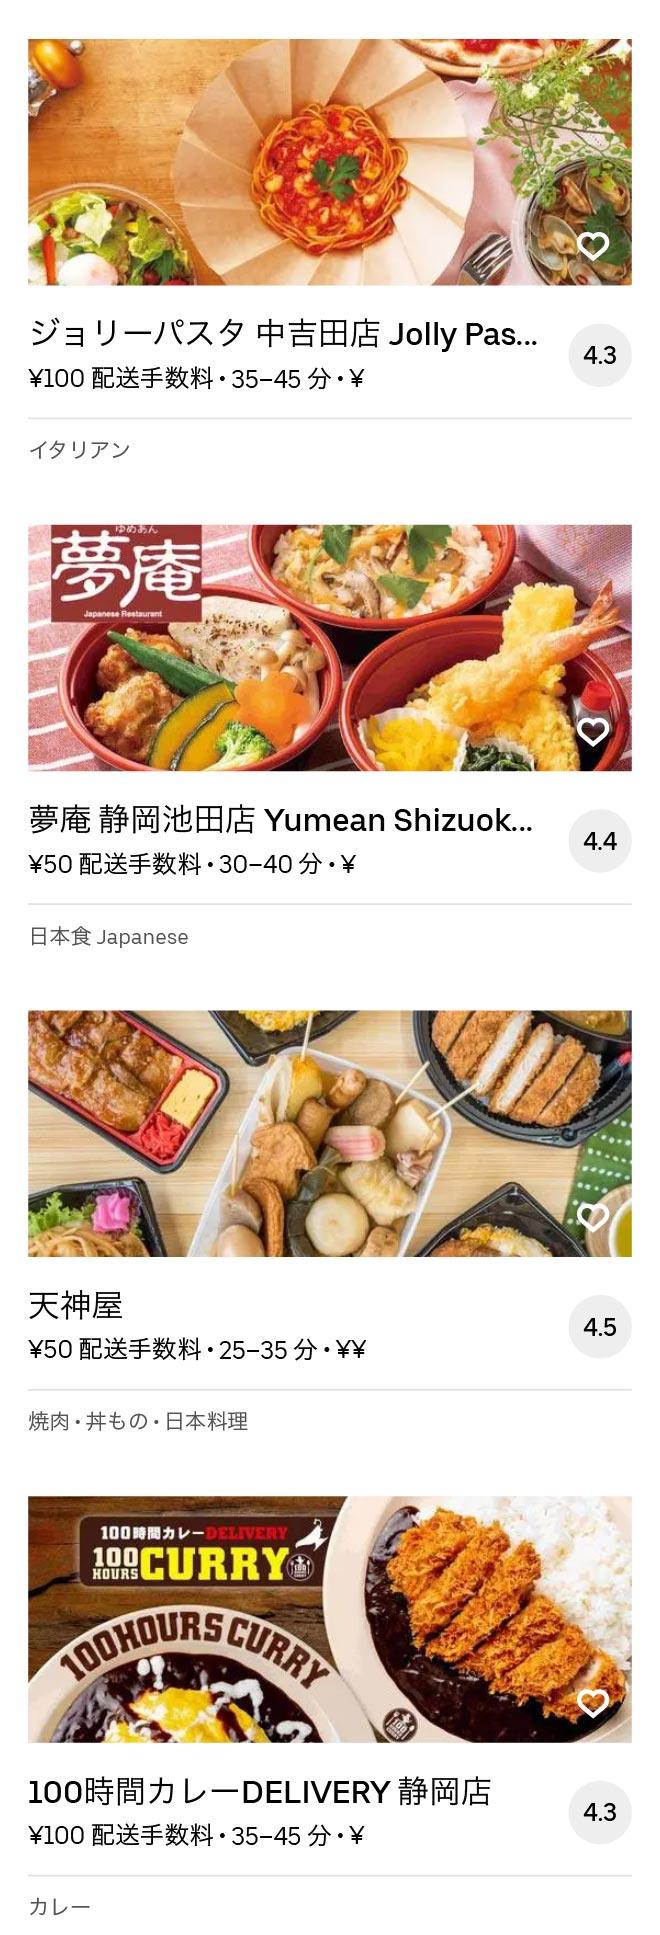 Higashi shizuoka menu 2010 08